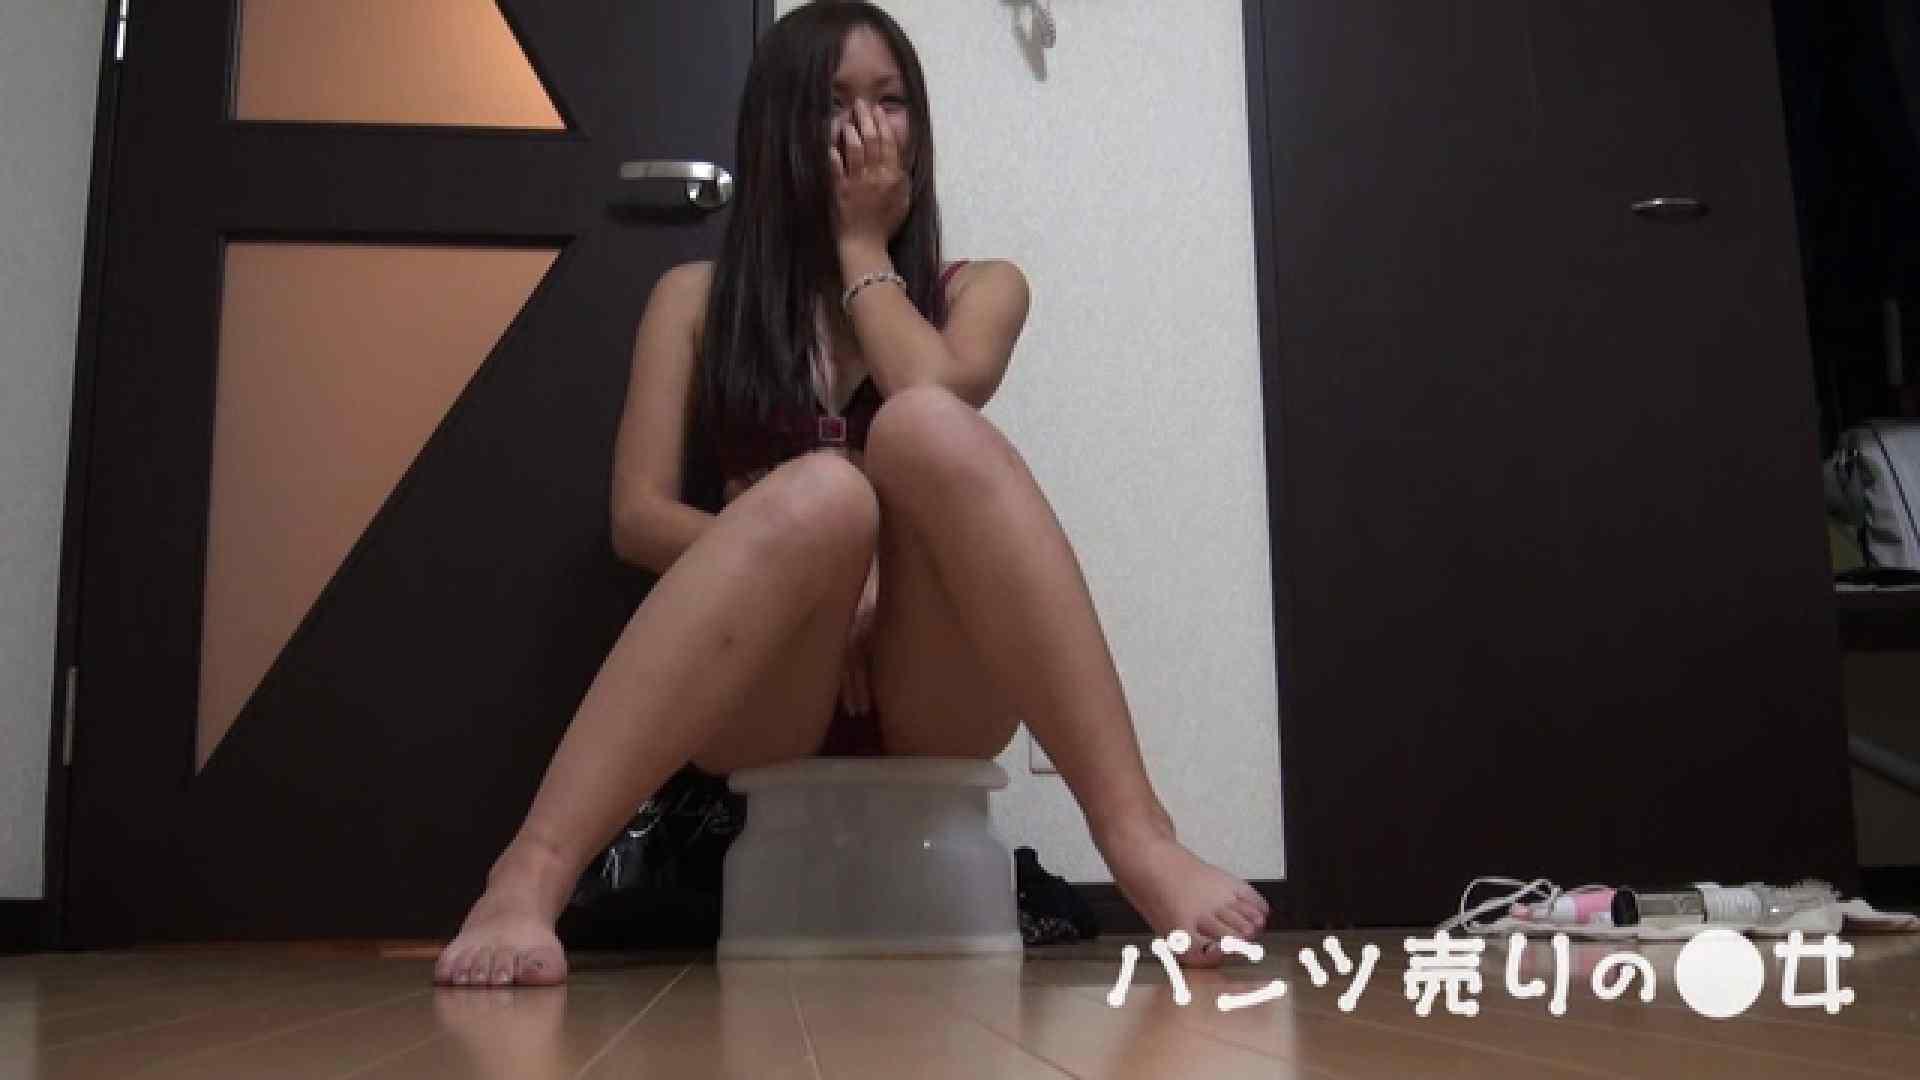 新説 パンツ売りの女の子ayu 盗撮 | おまんこモロ出し  110pic 65